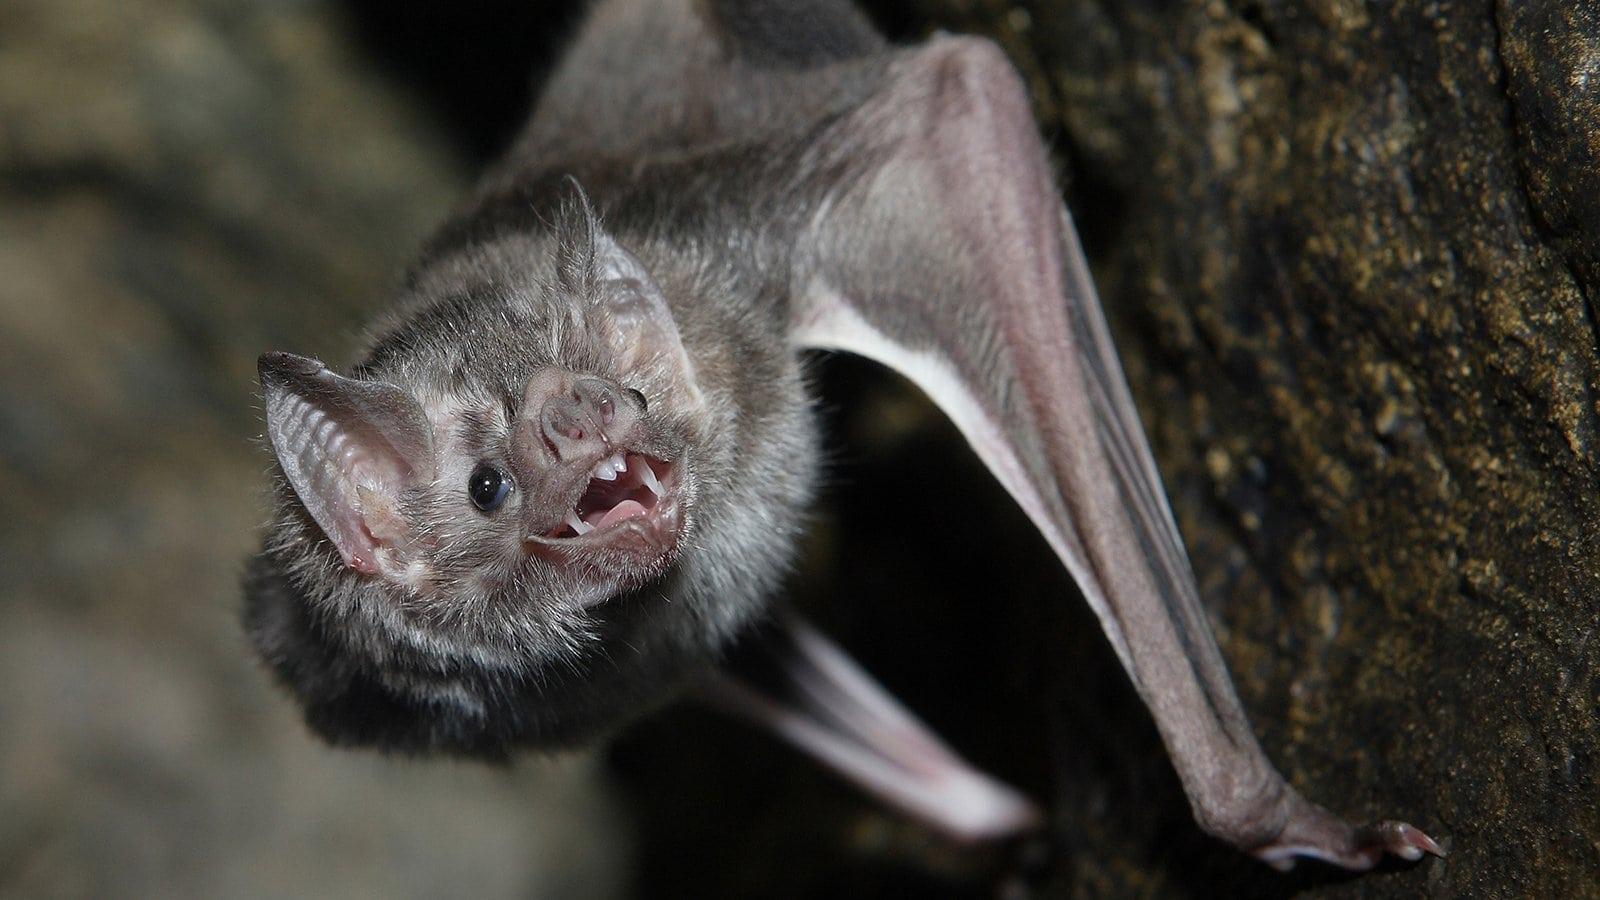 Адаптация генома и кишечного микробиома помогла обыкновенным вампирам привыкнуть к кровавой диете